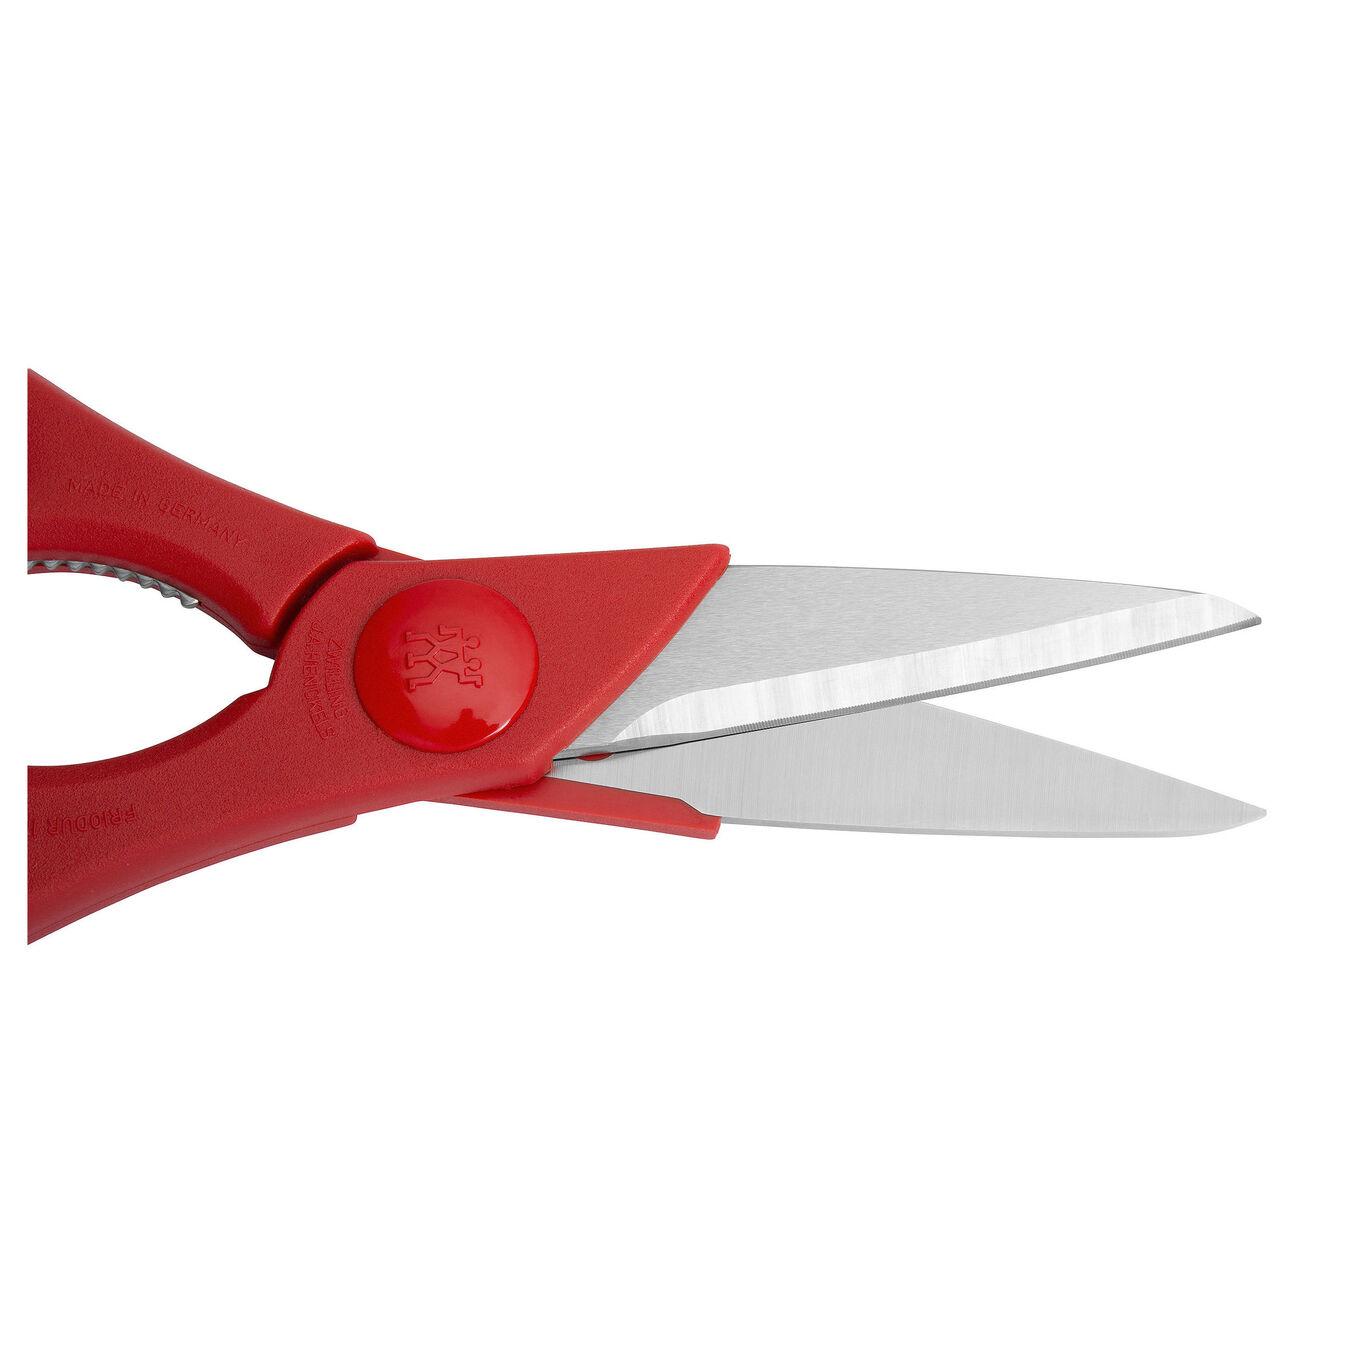 Çok Amaçlı Makas   paslanmaz çelik   20 cm,,large 5